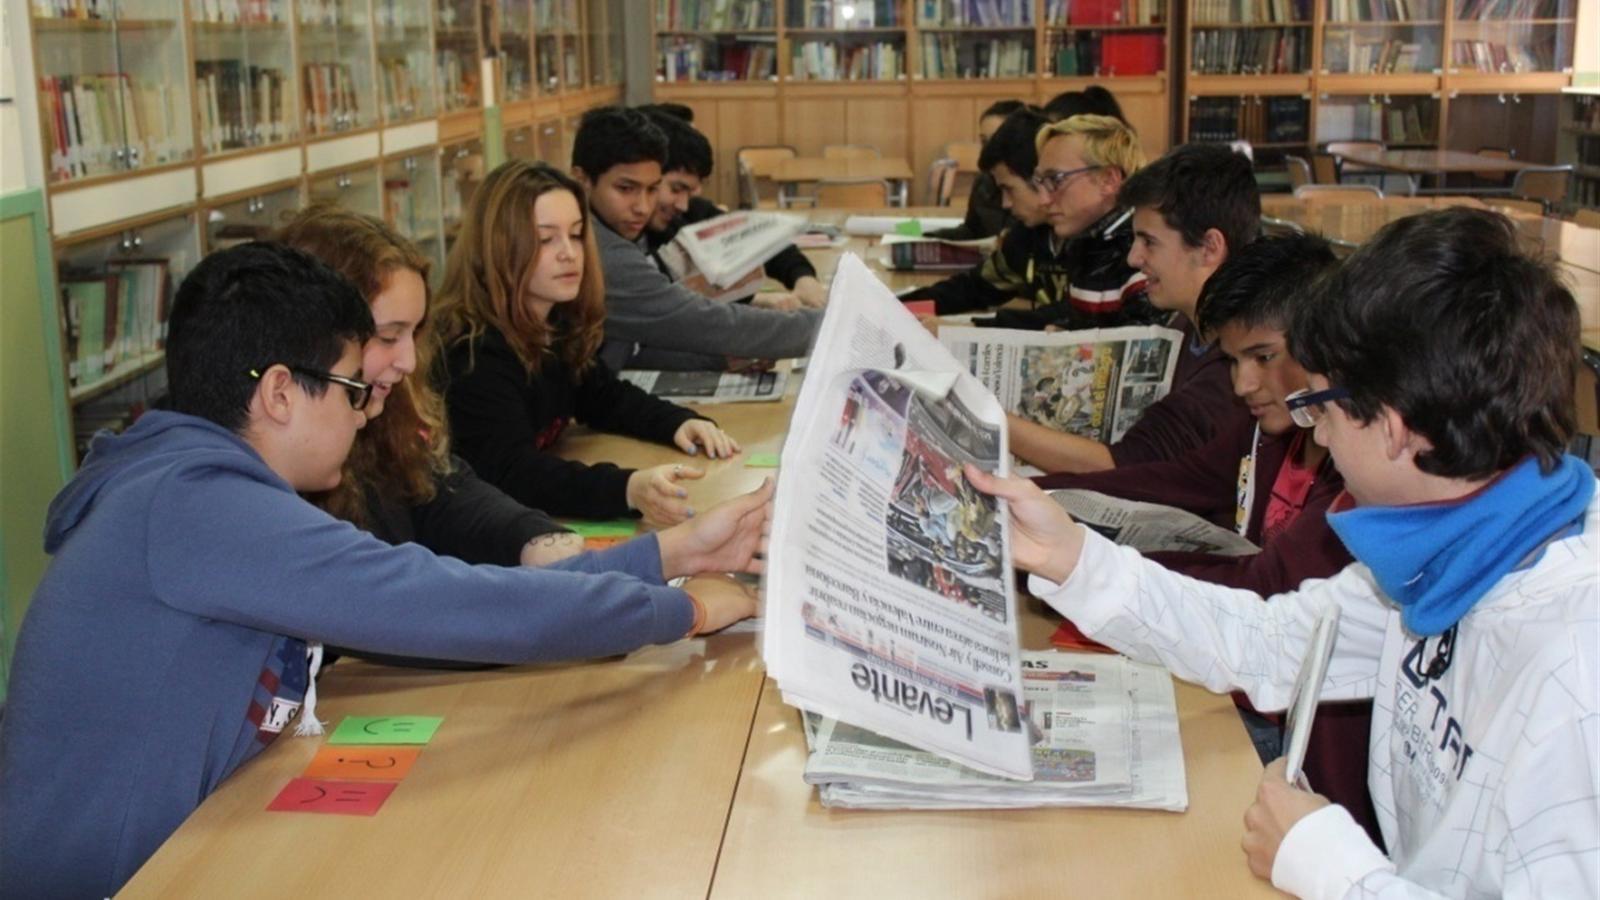 Els adolescents s'interessen pels mitjans d'informació si se'ls mostra la seva utilitat